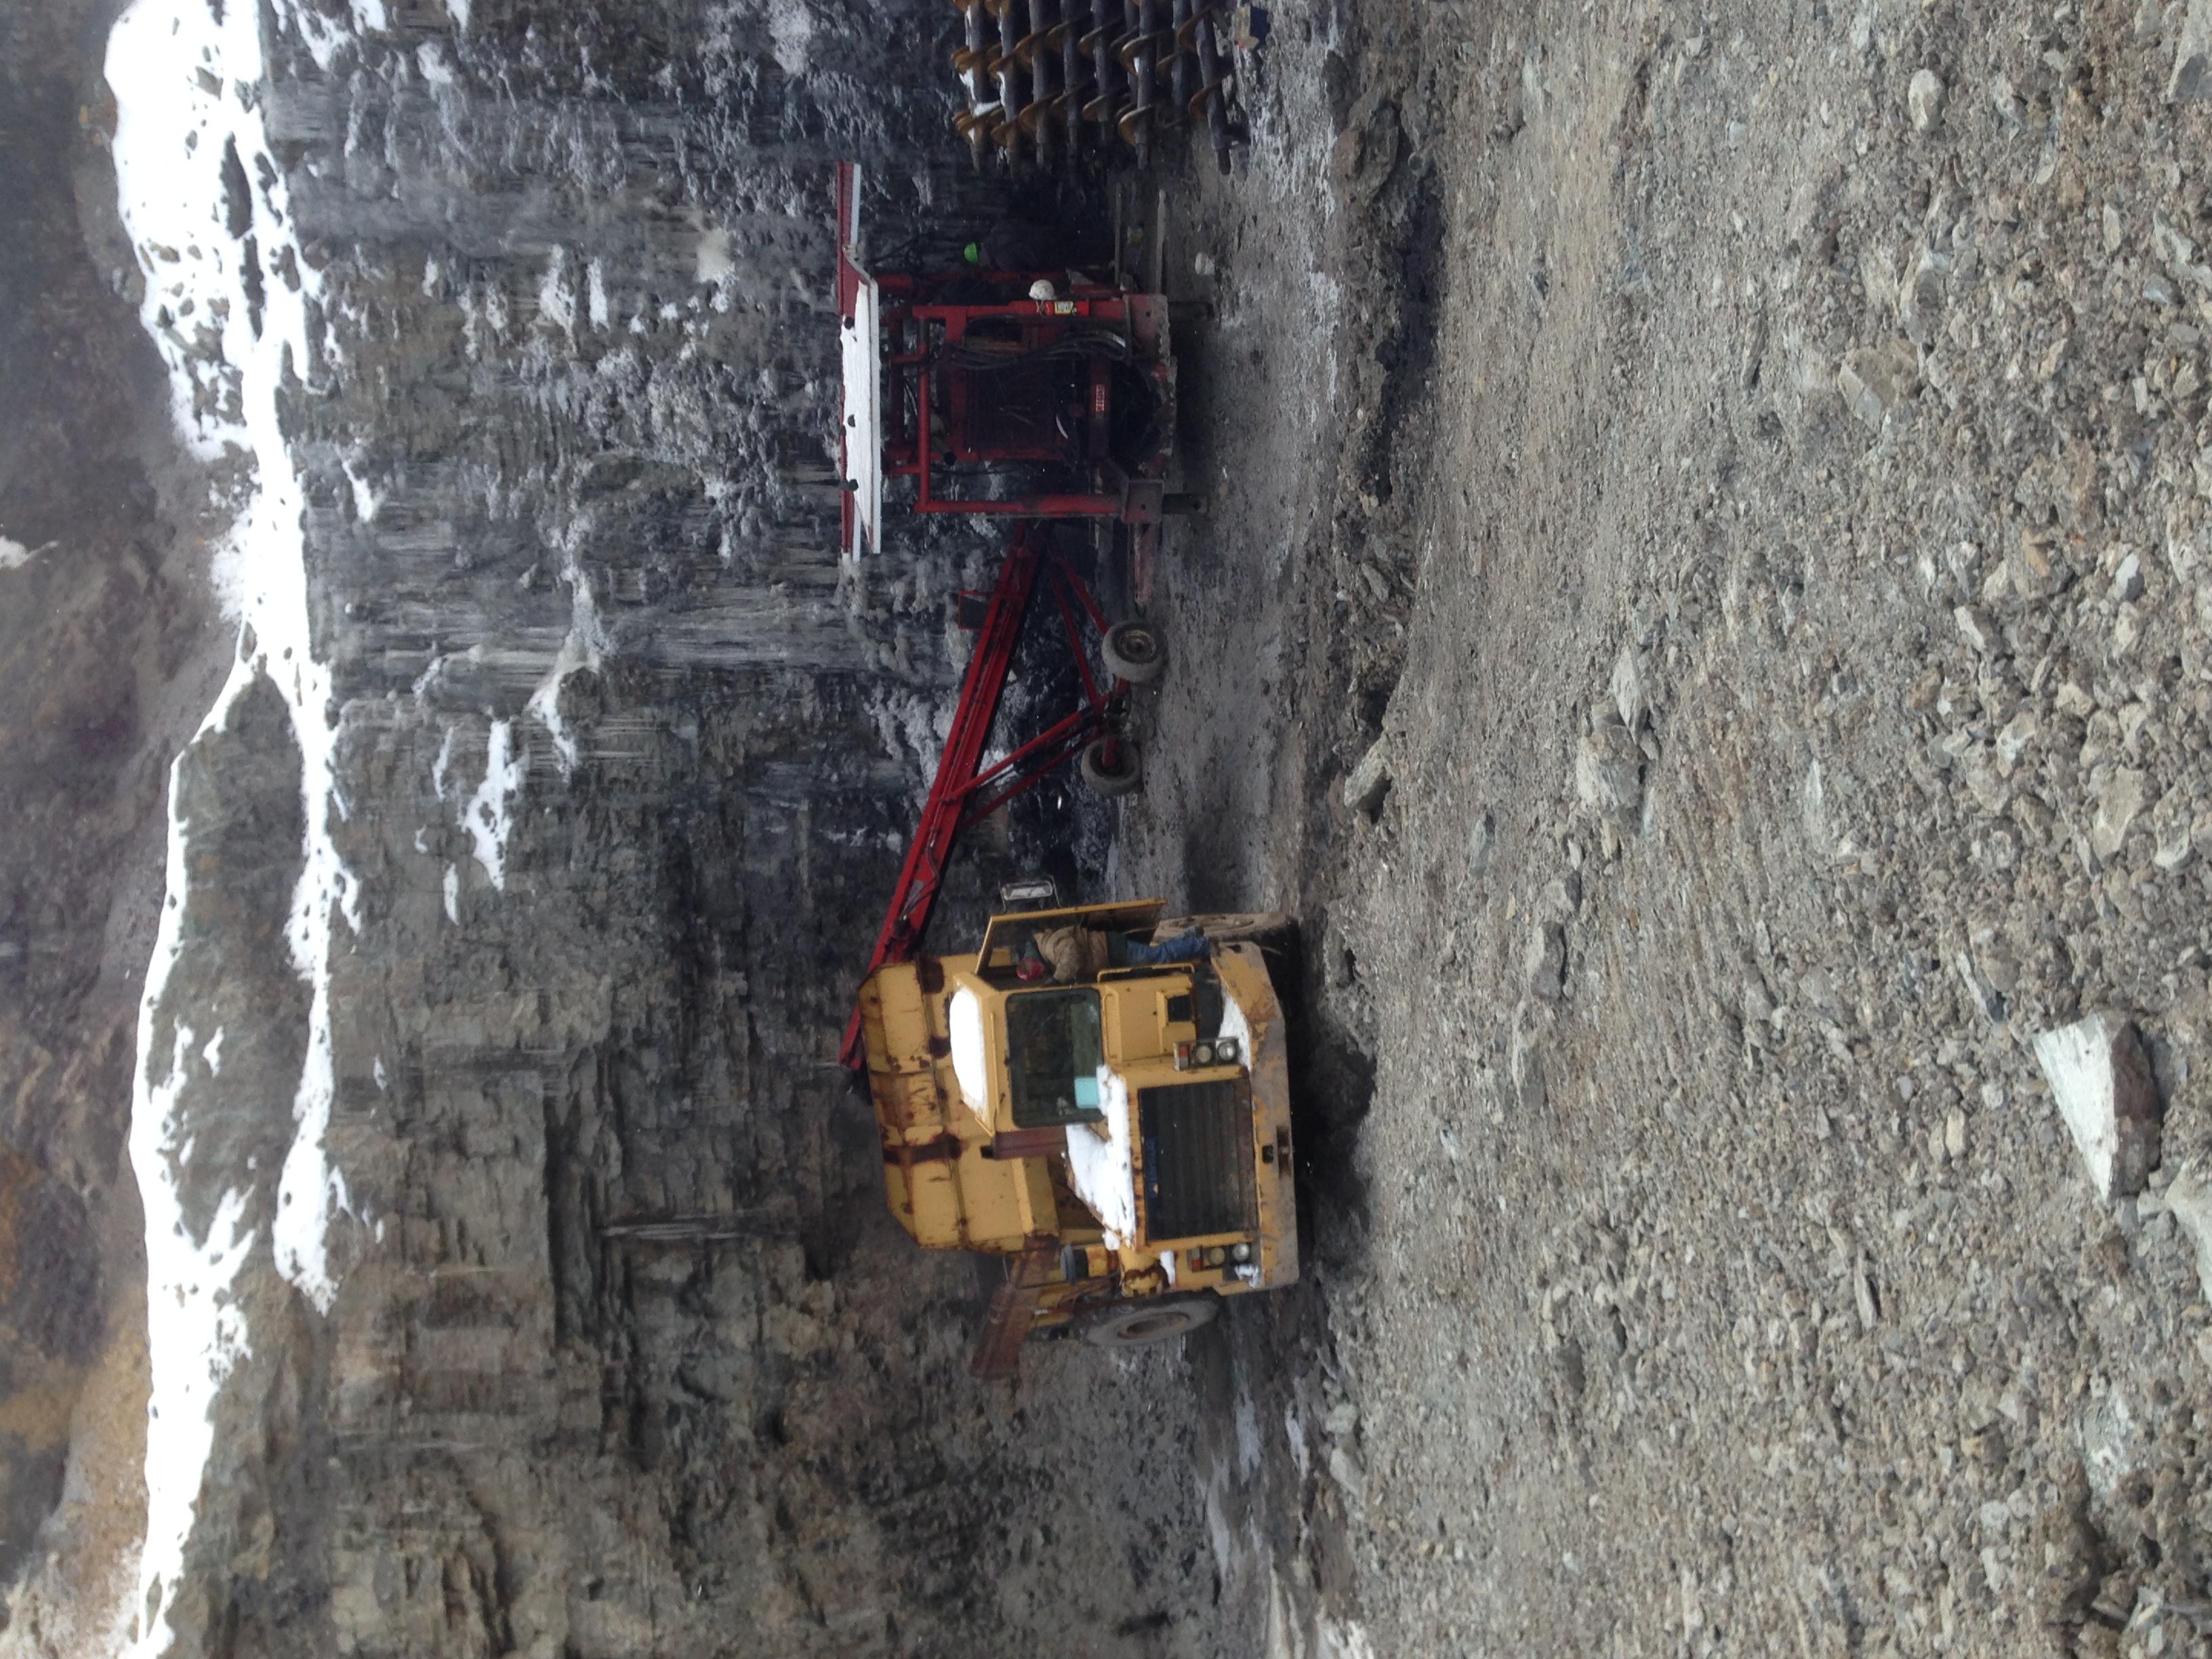 Strip mine drilling